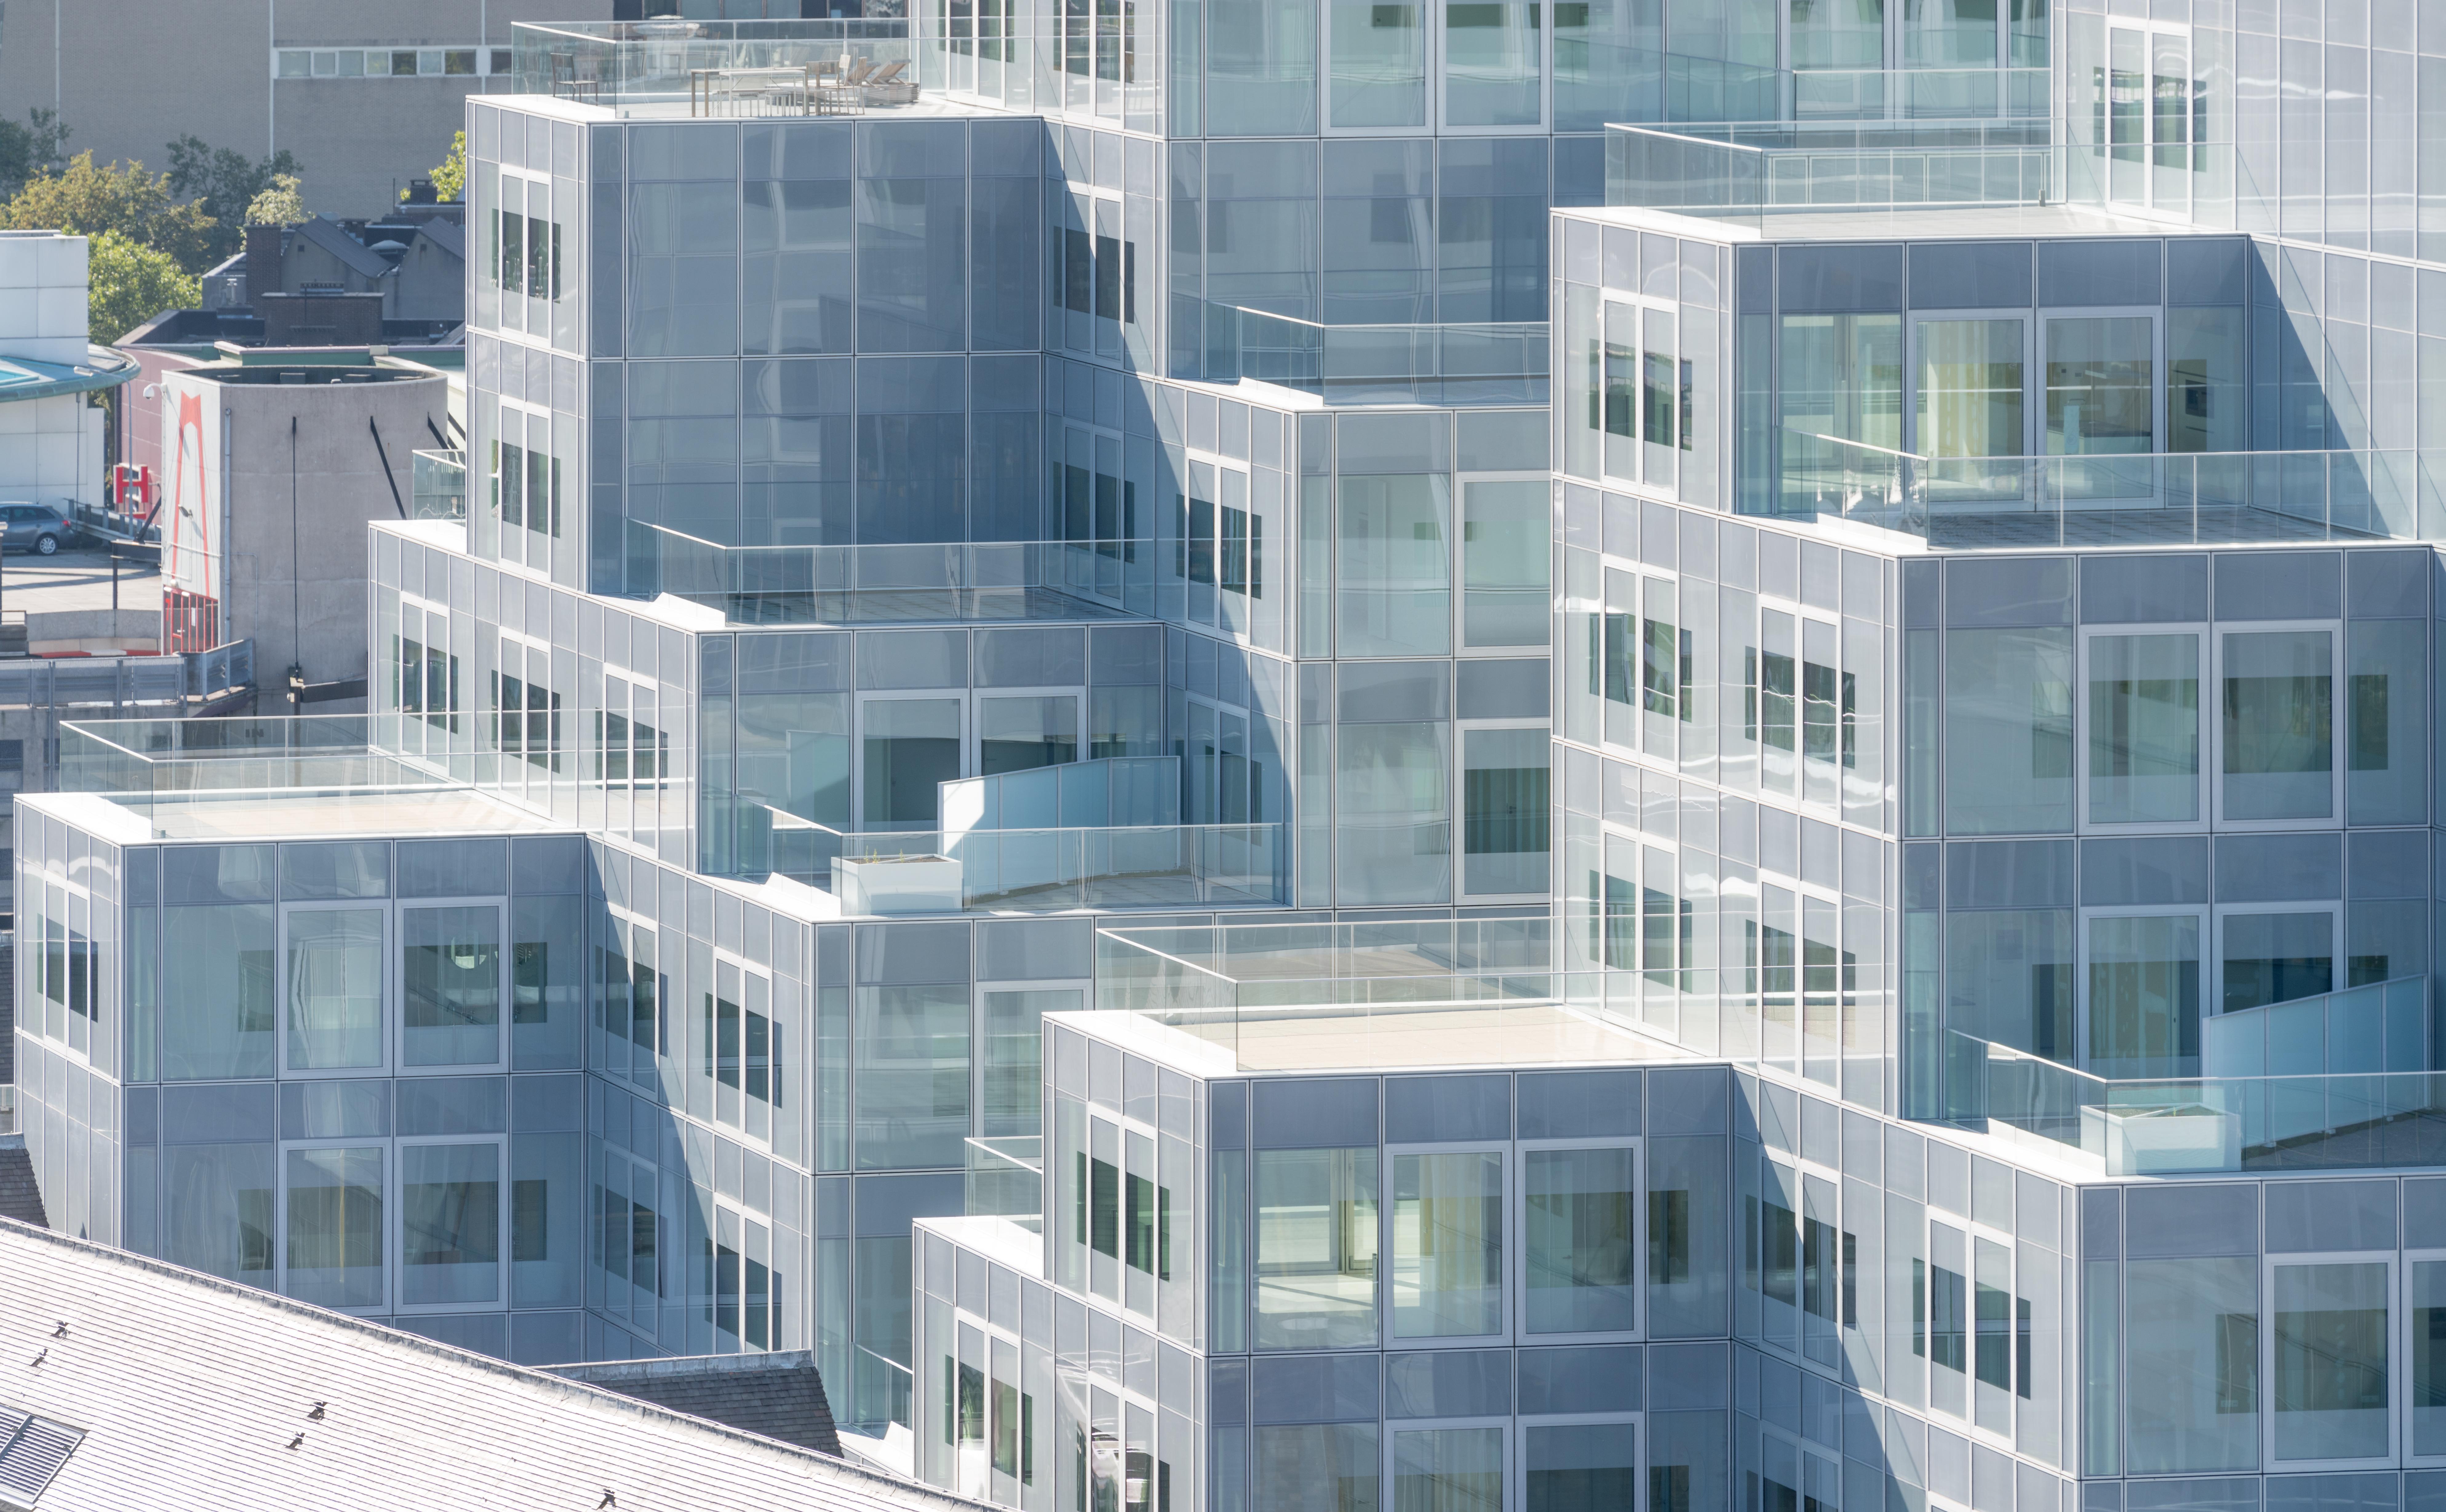 〔안정원의 디자인 칼럼〕 로테르담의 독특한 주상복합건물, 티메르하위스 2